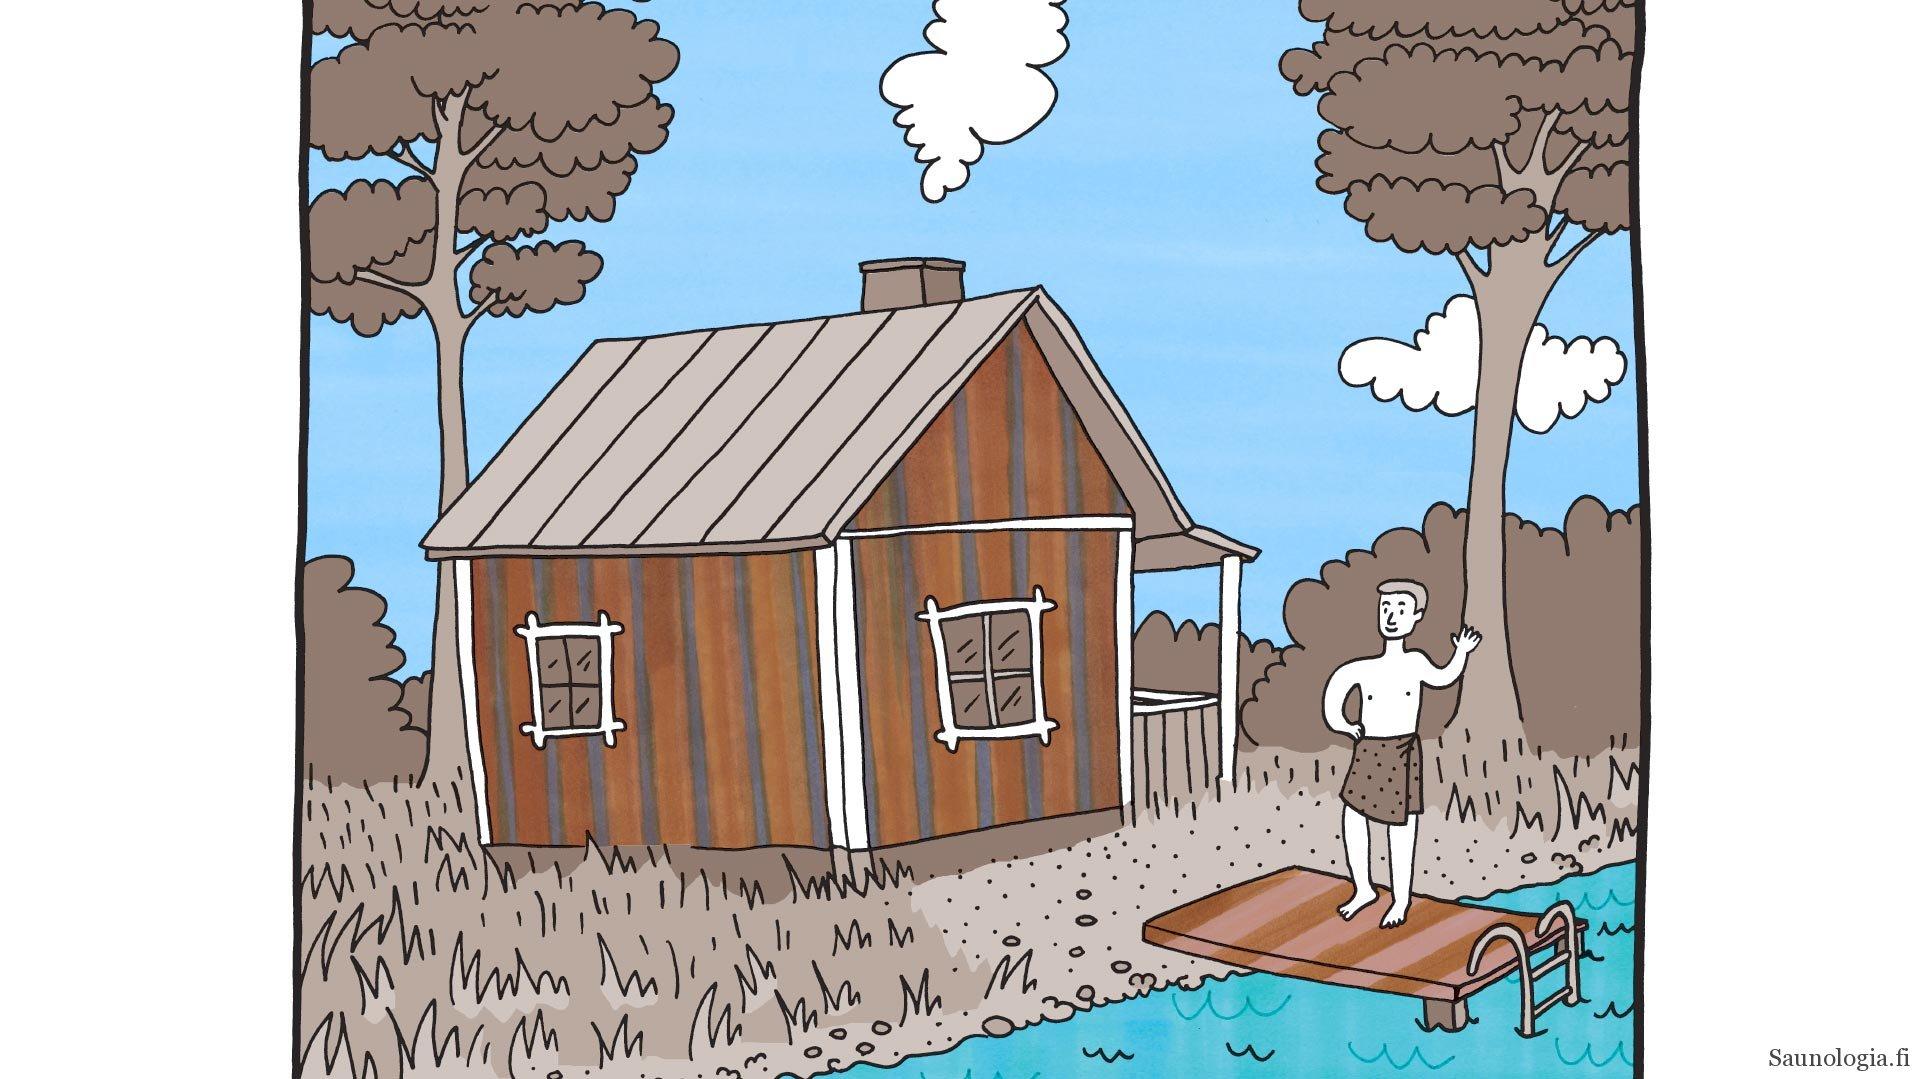 Saunomisohjeet ulkomaalaisille ja maahanmuuttajille – Instructions How to enjoy a Finnish Sauna Bath